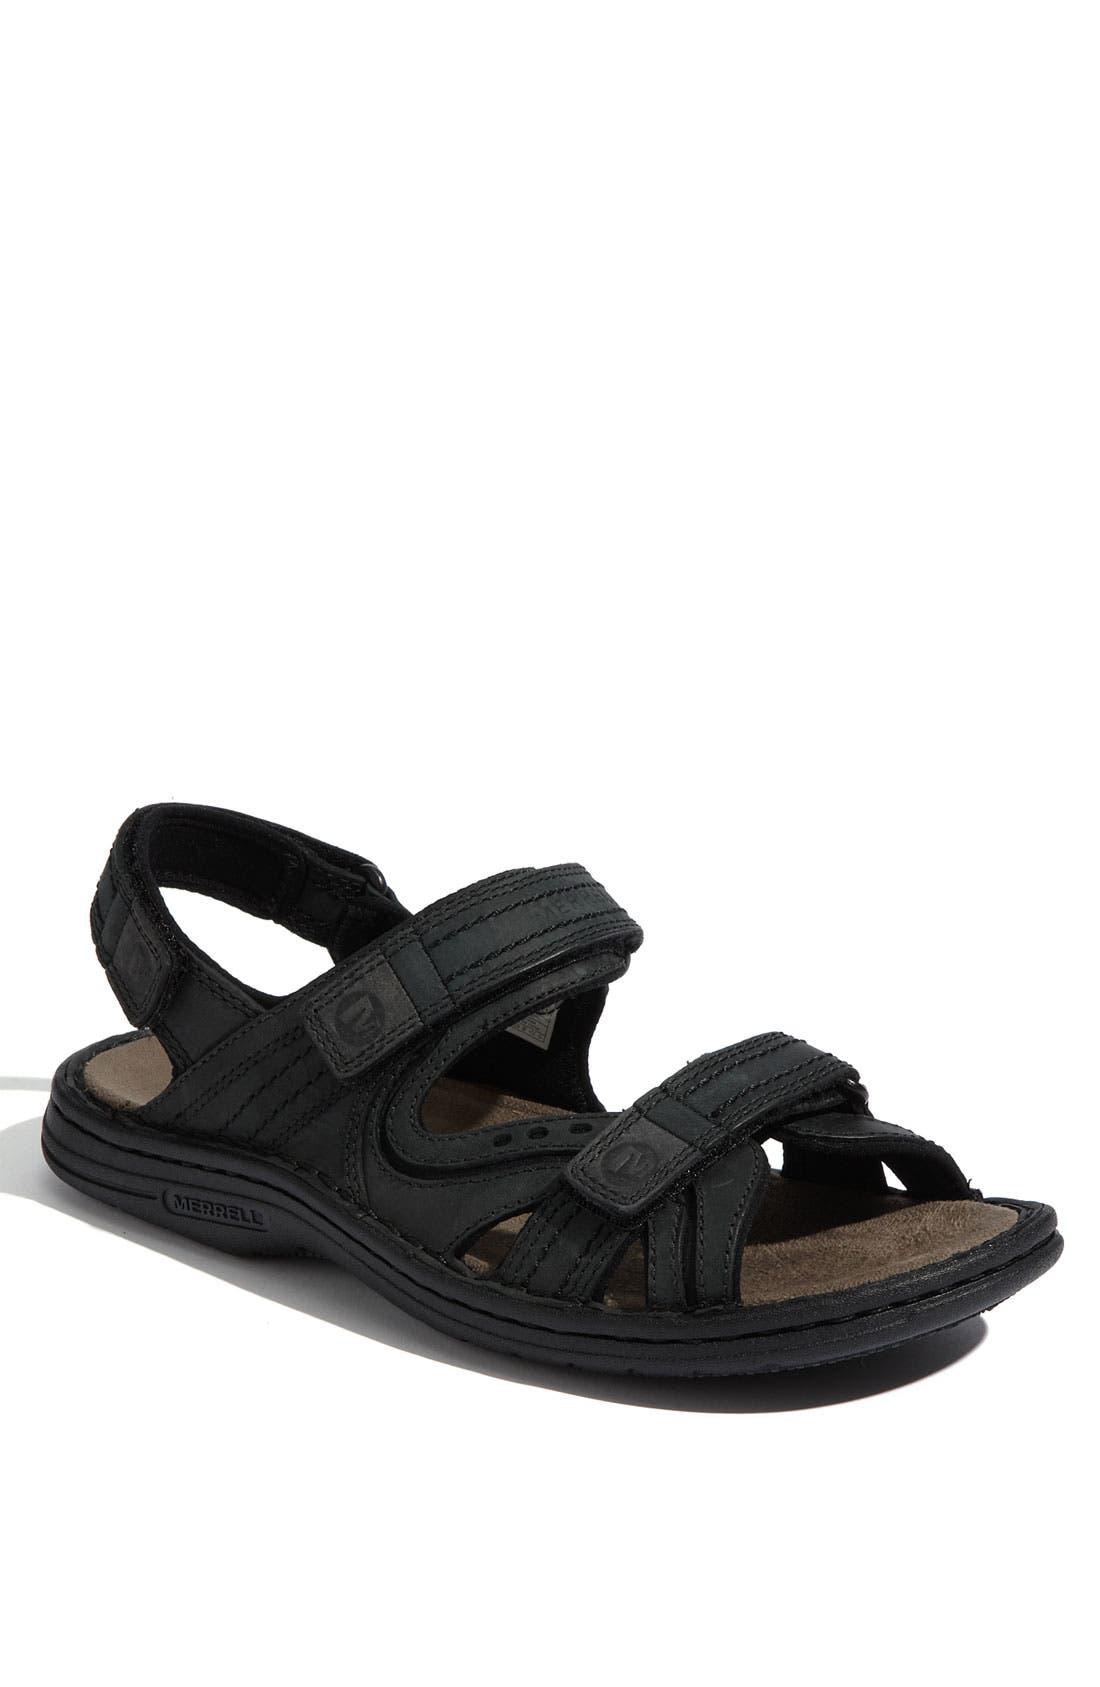 Main Image - Merrell 'World Impulse' Sandal (Men)